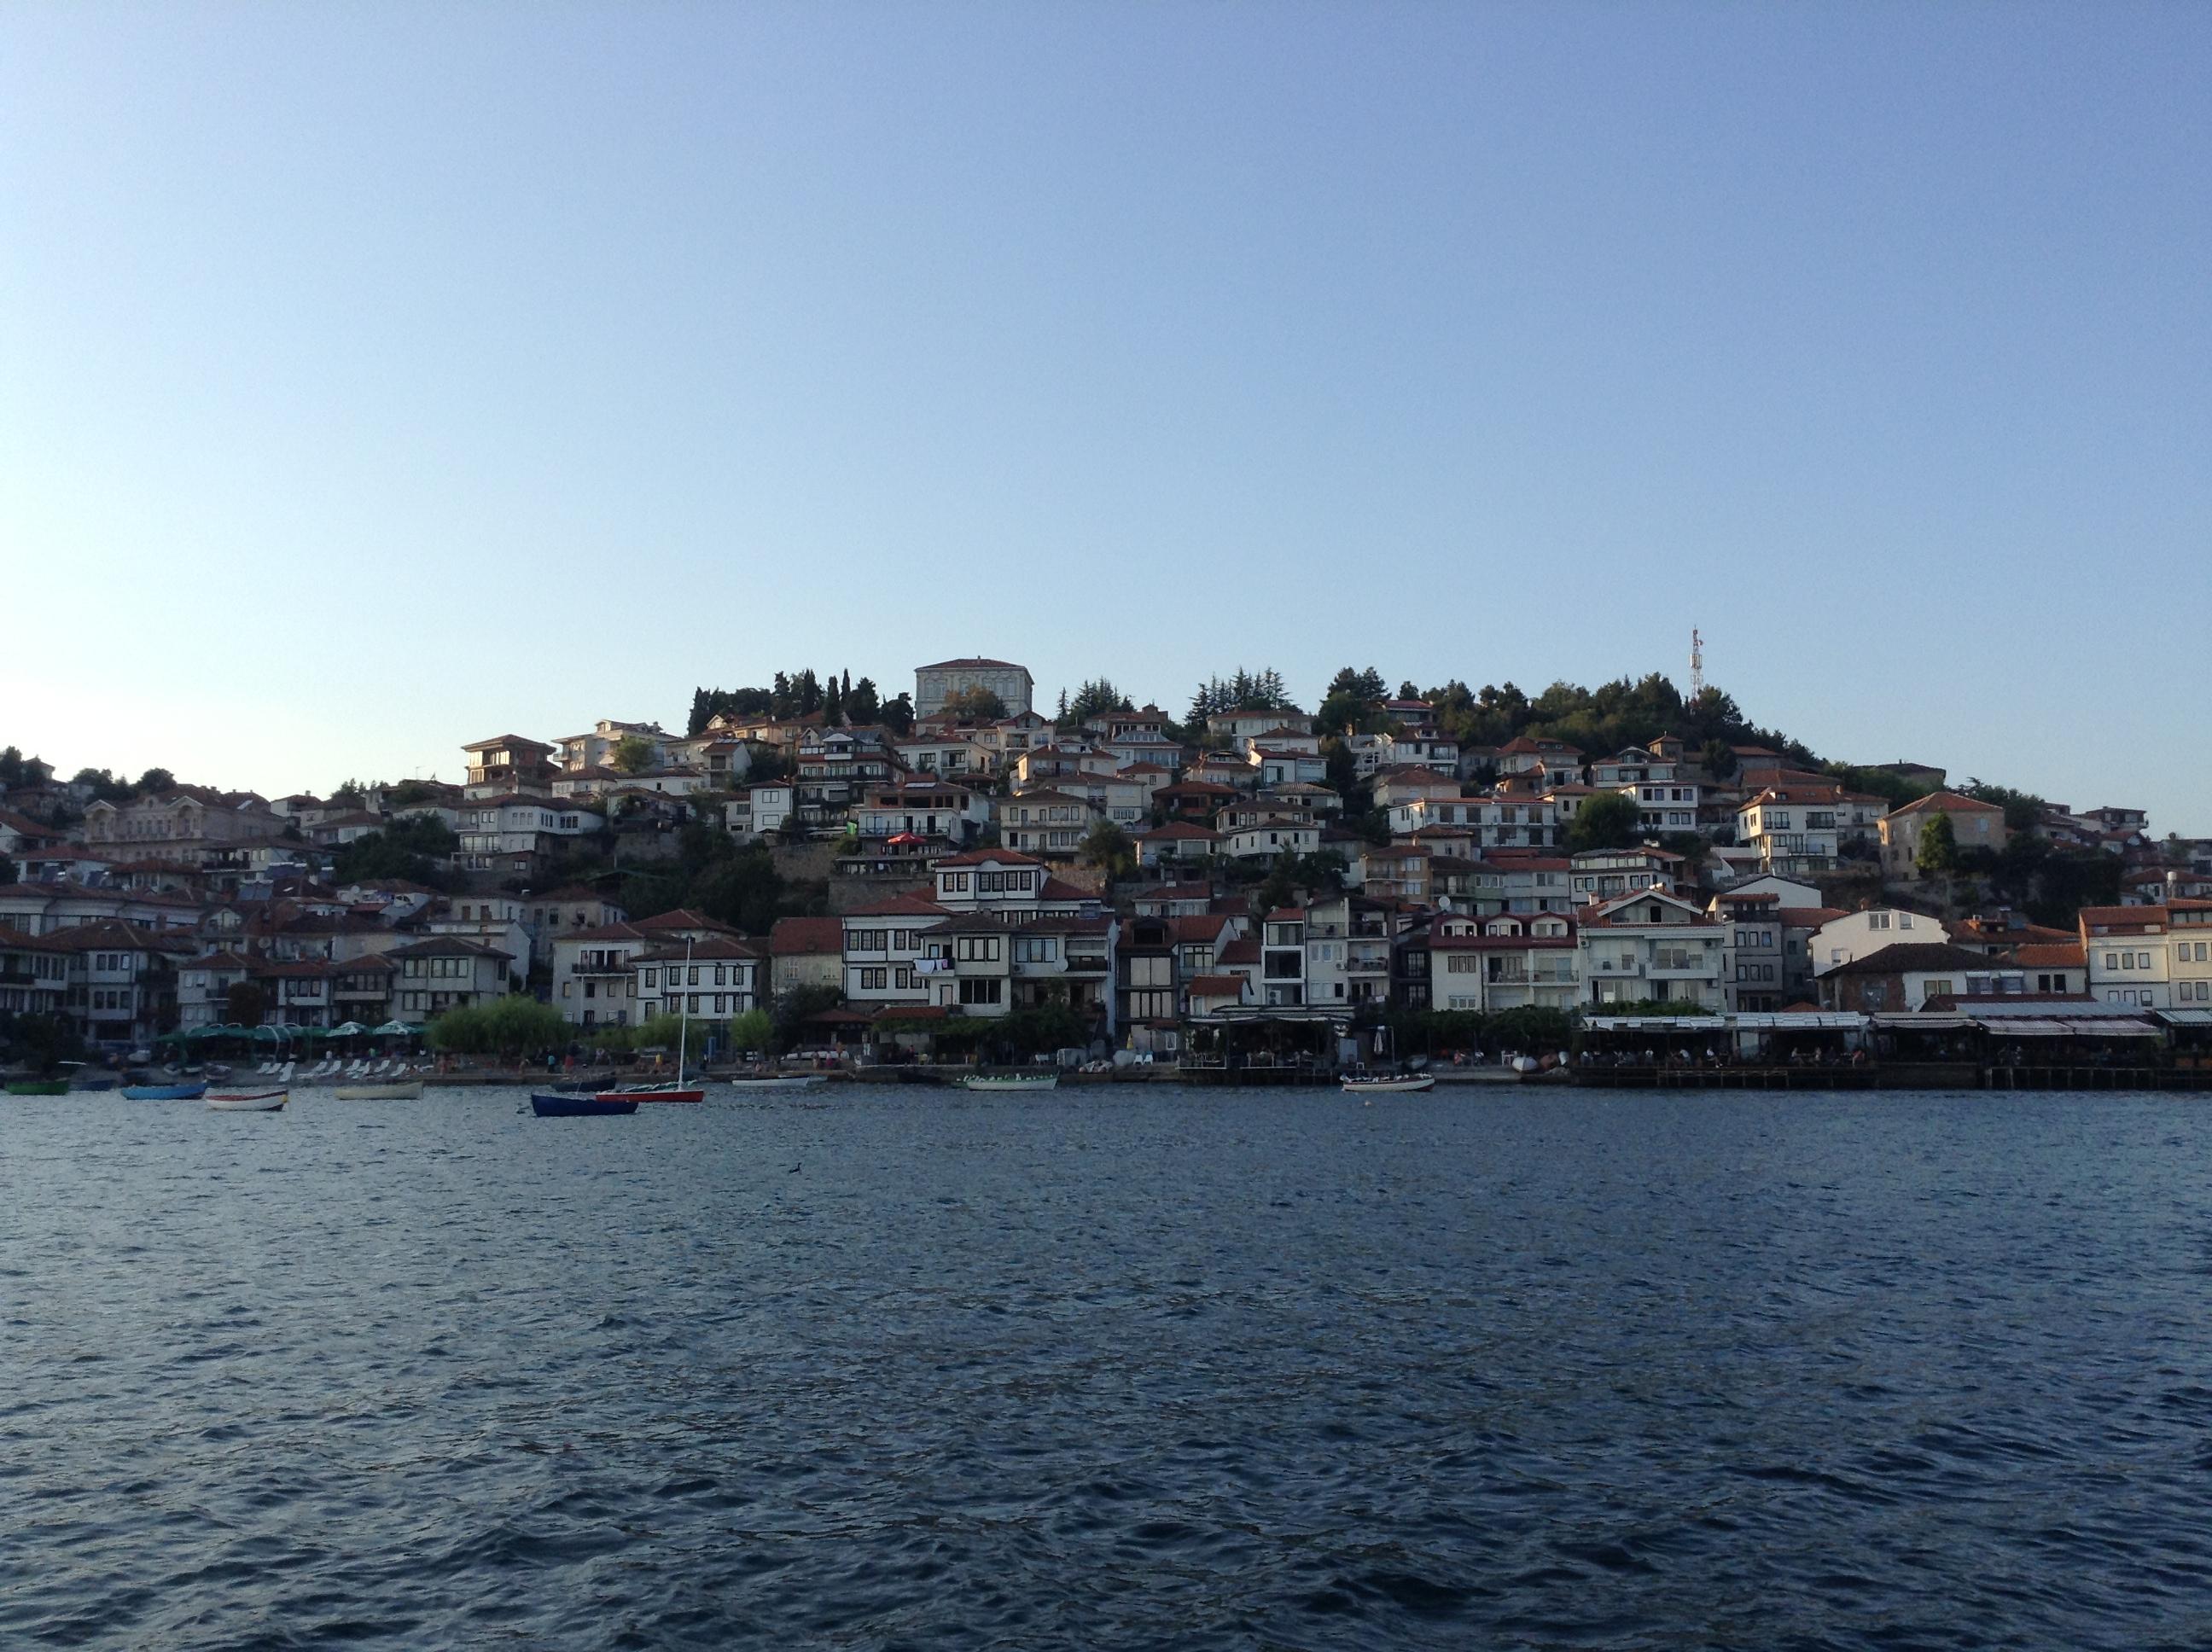 Ohri Gölünden Eski Ohri'ye (Türk Ohri'ye) bakış